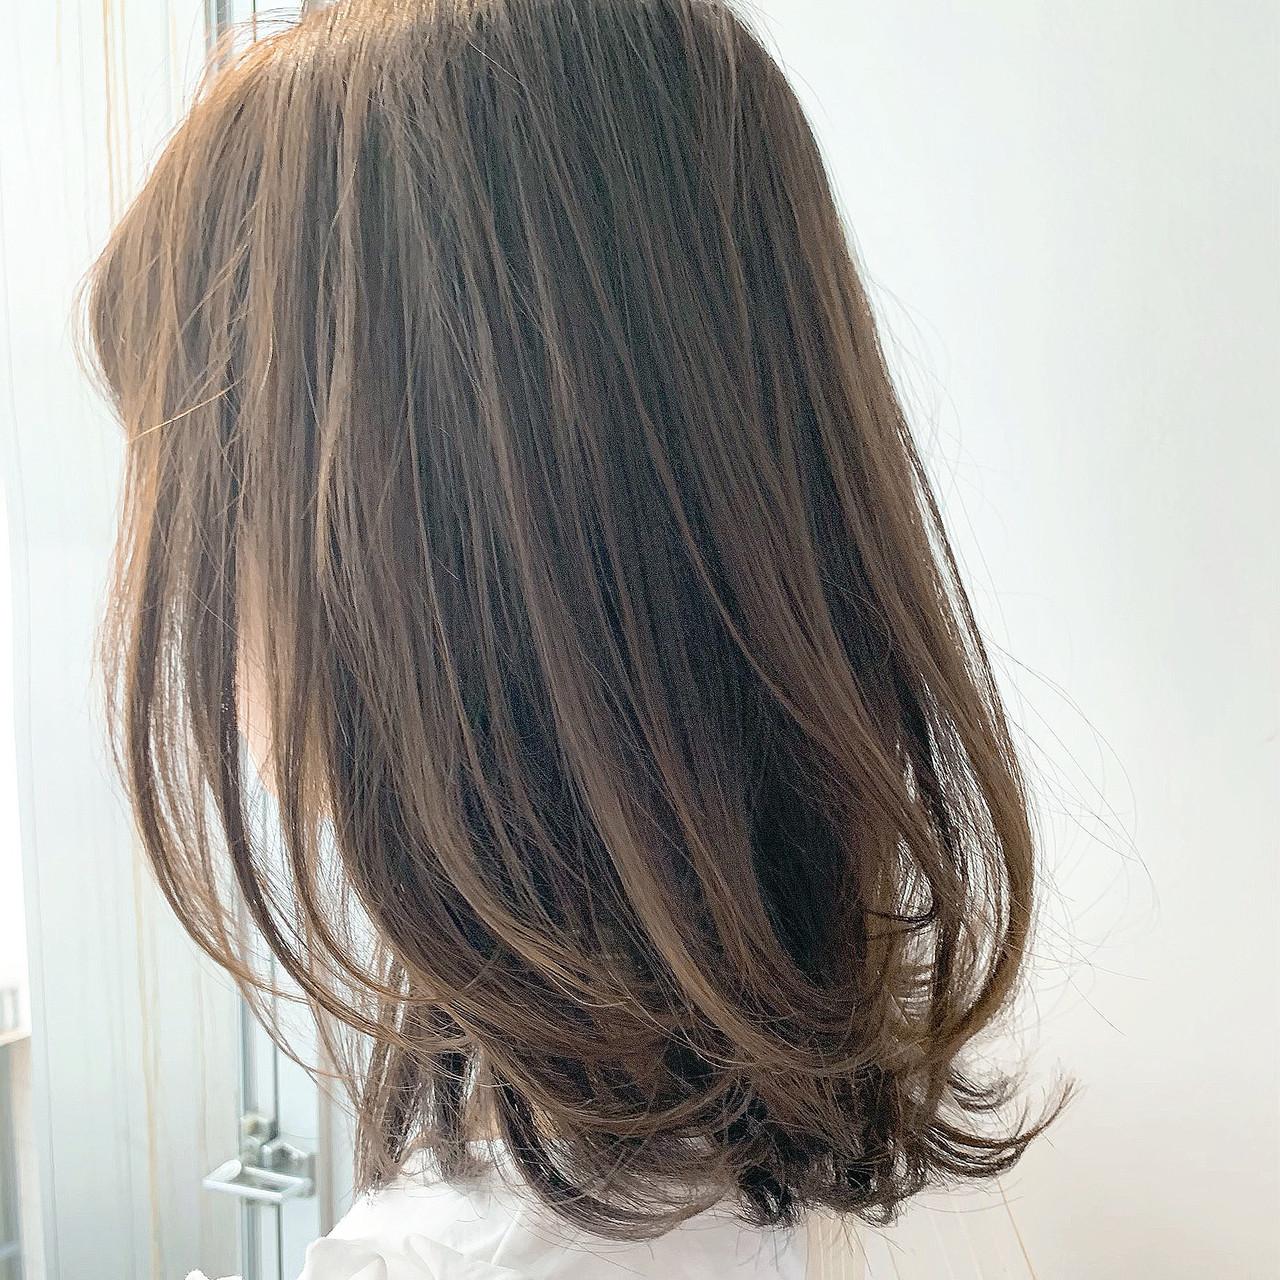 レイヤーカット ロブ ナチュラル ミディアムヘアスタイルや髪型の写真・画像